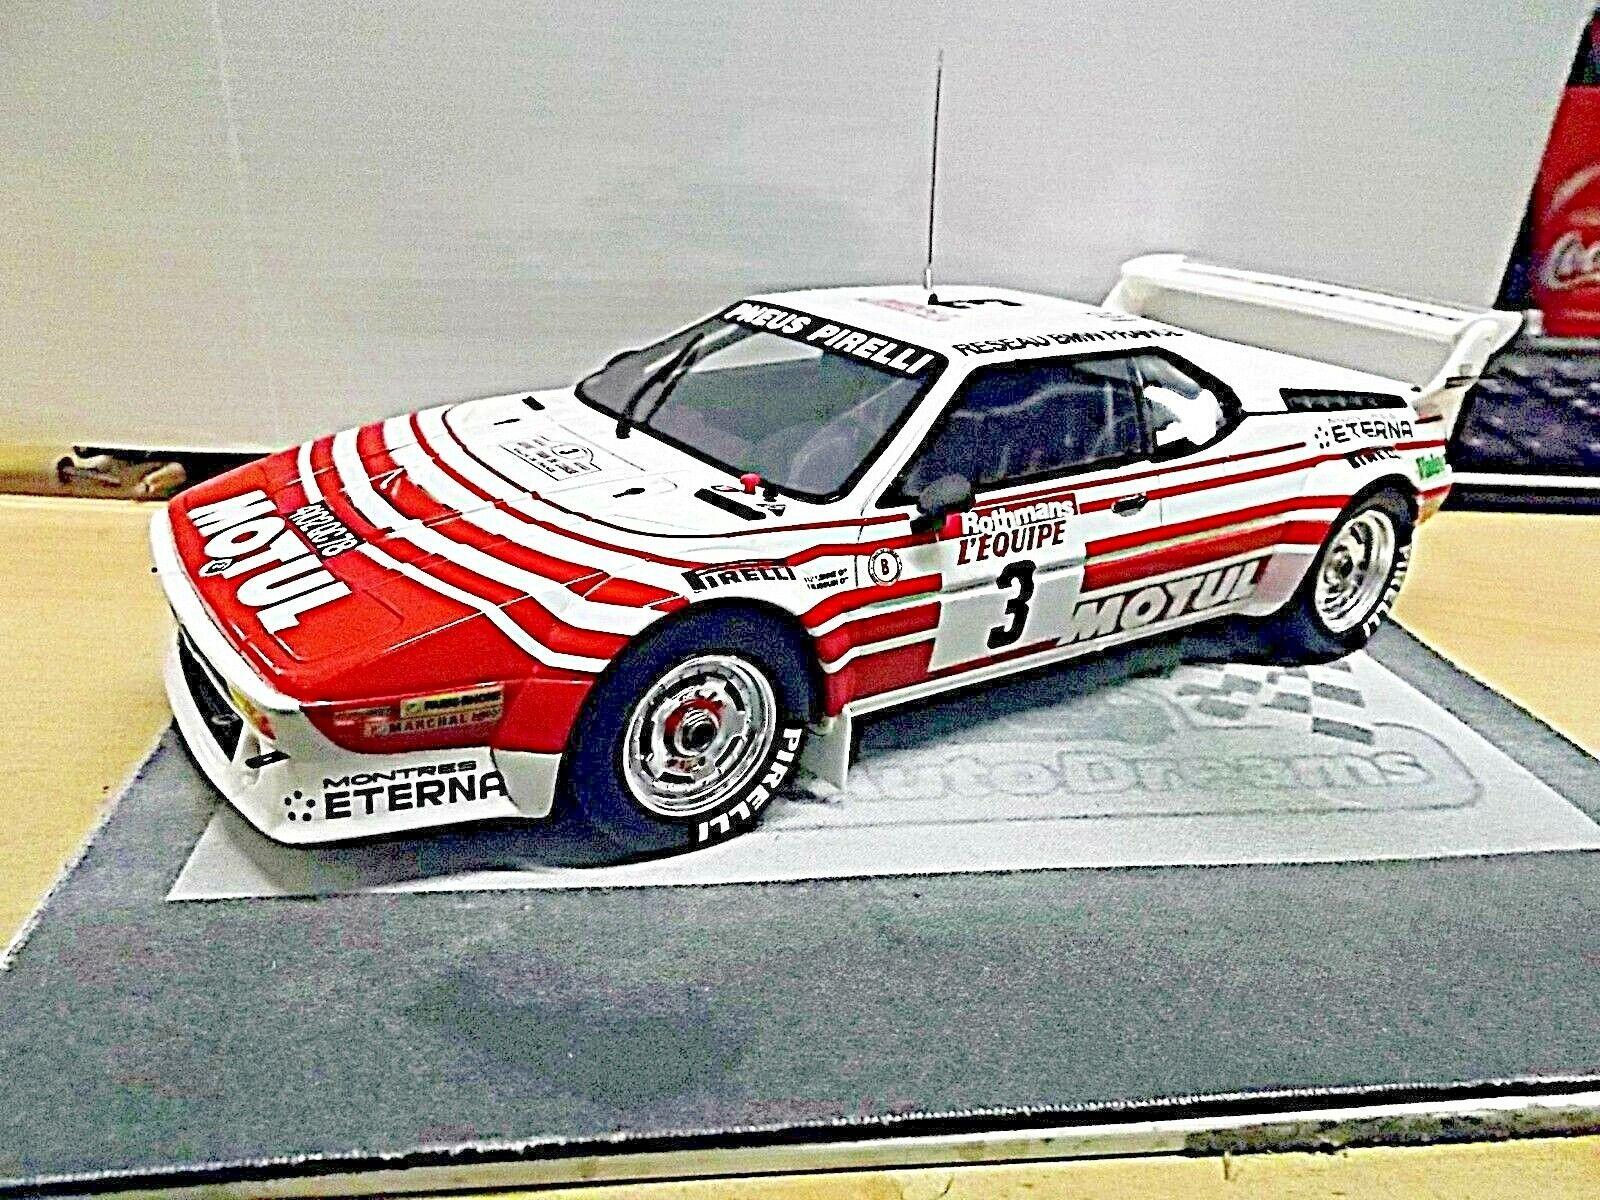 Bmw m1 e26 Rallye Gr. B Tour de Corse Béguin 1983 Motul Resin Otto RAR 1 18